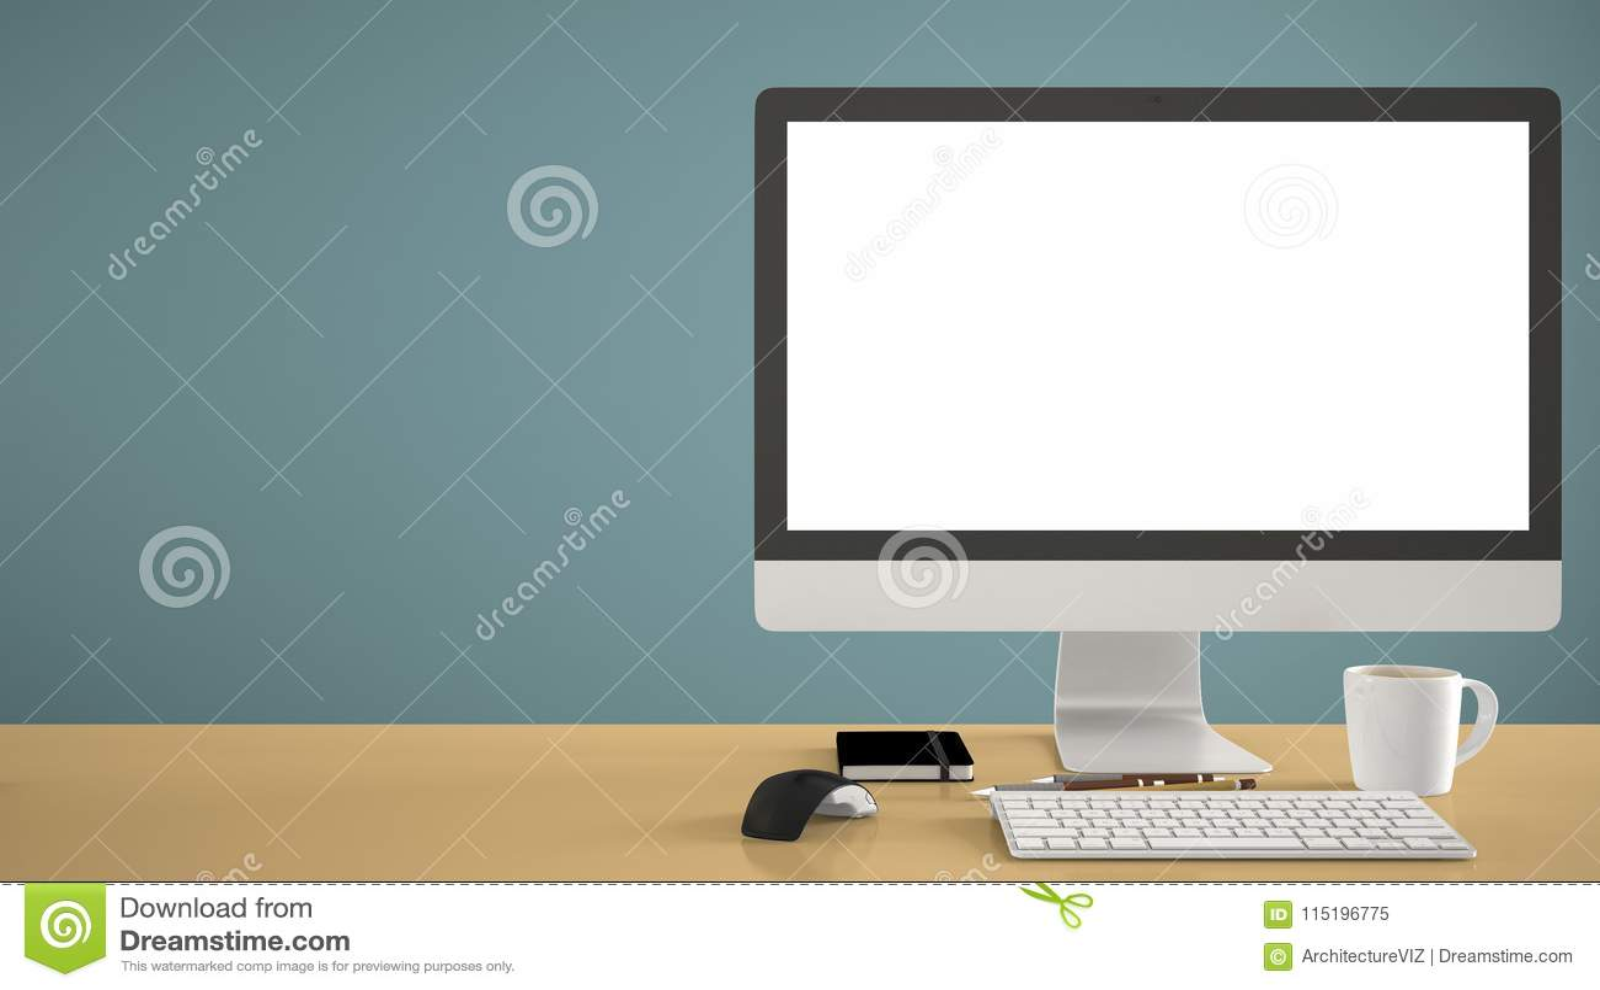 Модель-макет настольного компьютера, шаблон, компьютер на желтом столе работы с пустым экраном, мышь клавиатуры и блокнот с ручка